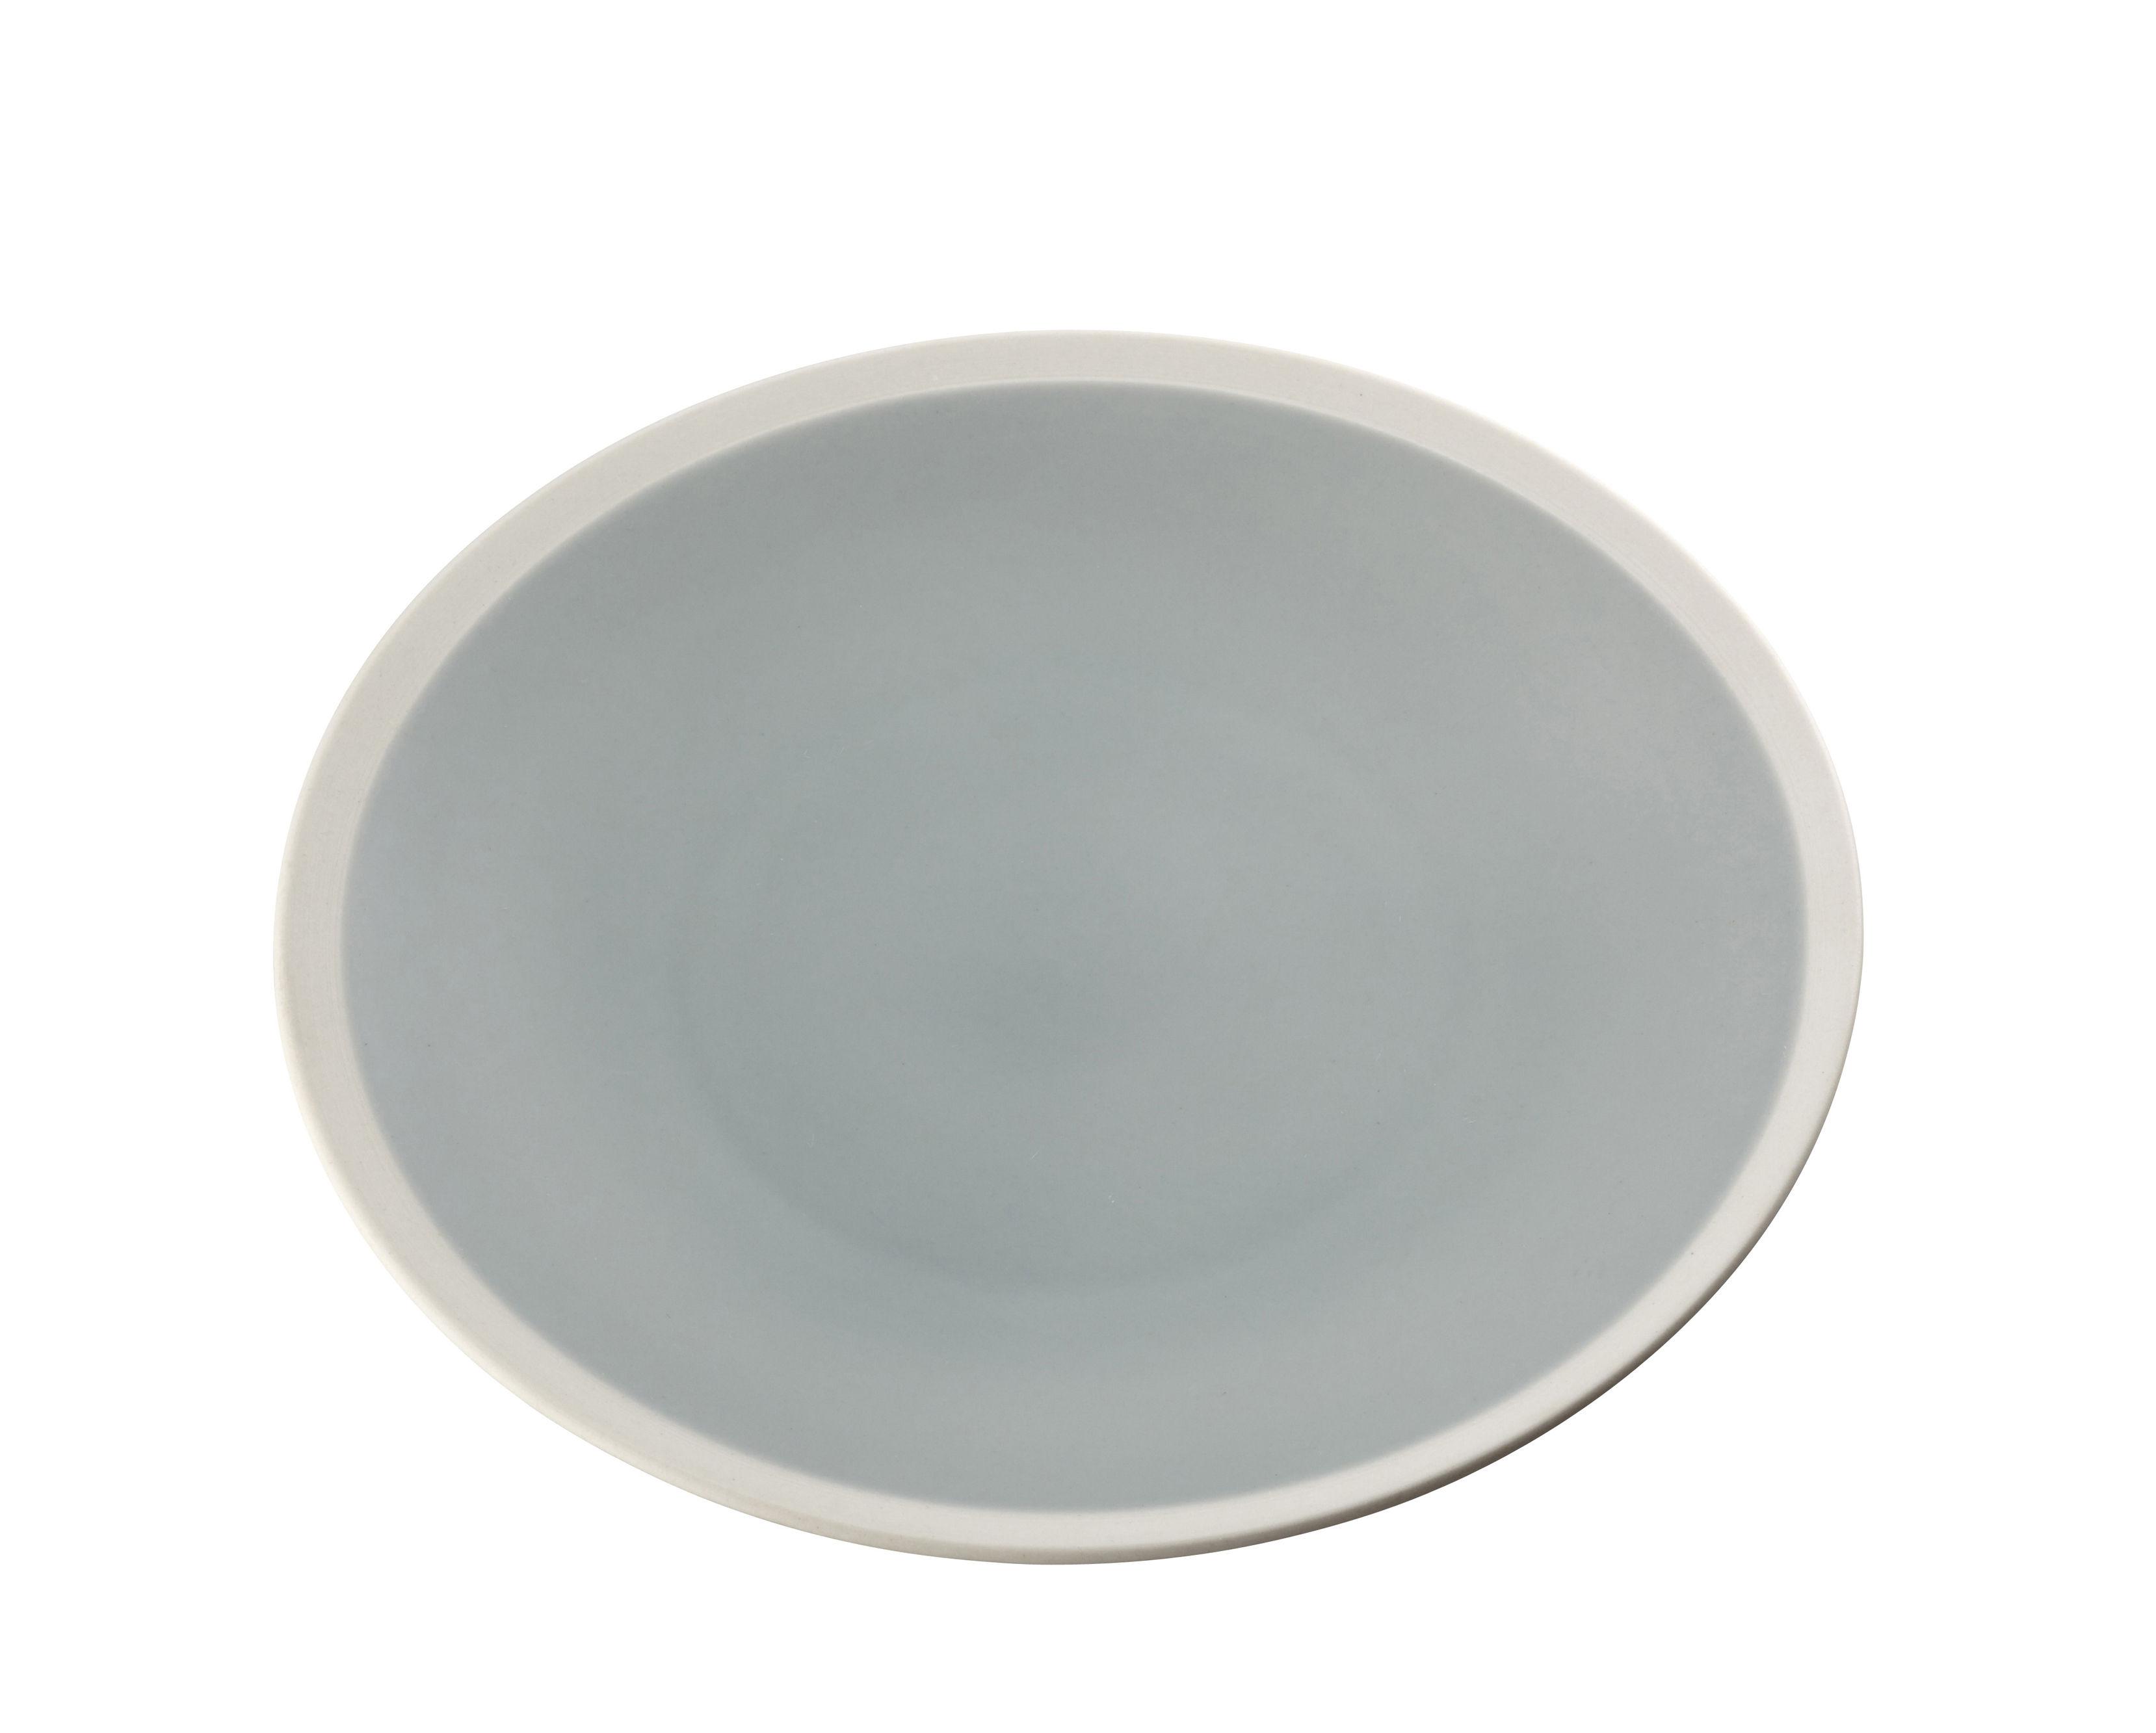 Arts de la table - Assiettes - Assiette à dessert Sicilia / Ø 20 cm - Maison Sarah Lavoine - Pousse de Tilleul / Blanc - Grès peint et émaillé